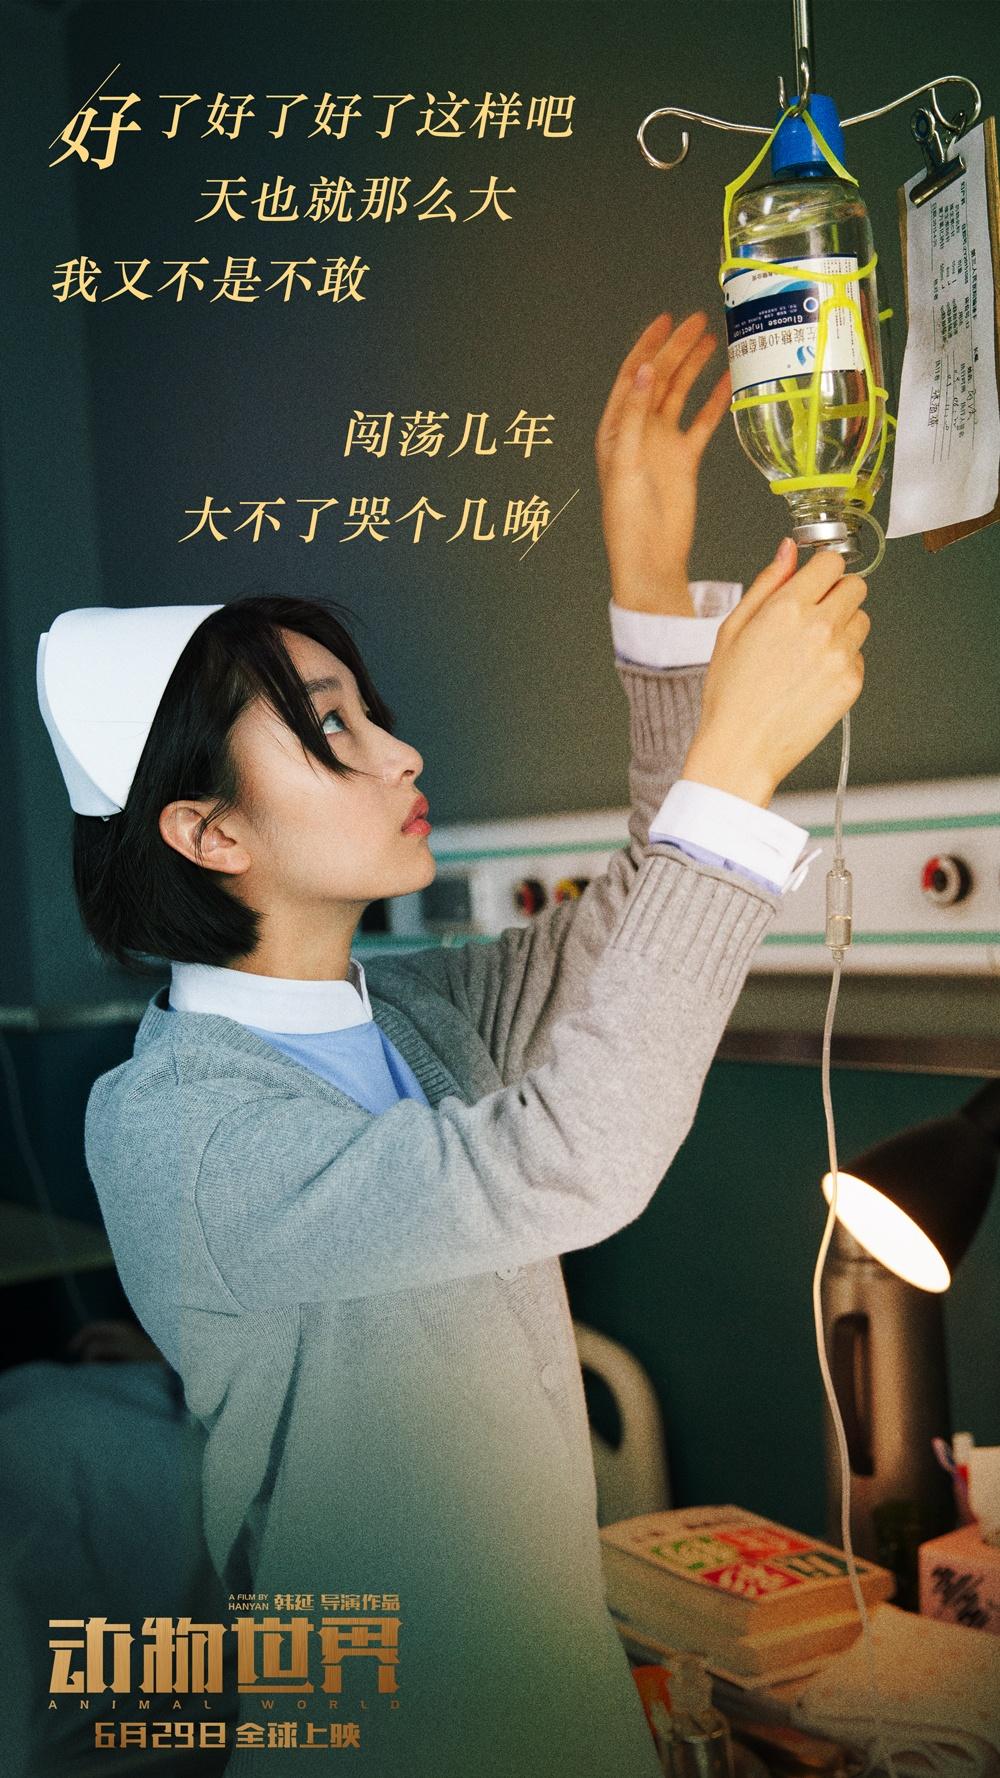 动物世界_电影海报_图集_电影网_1905.com